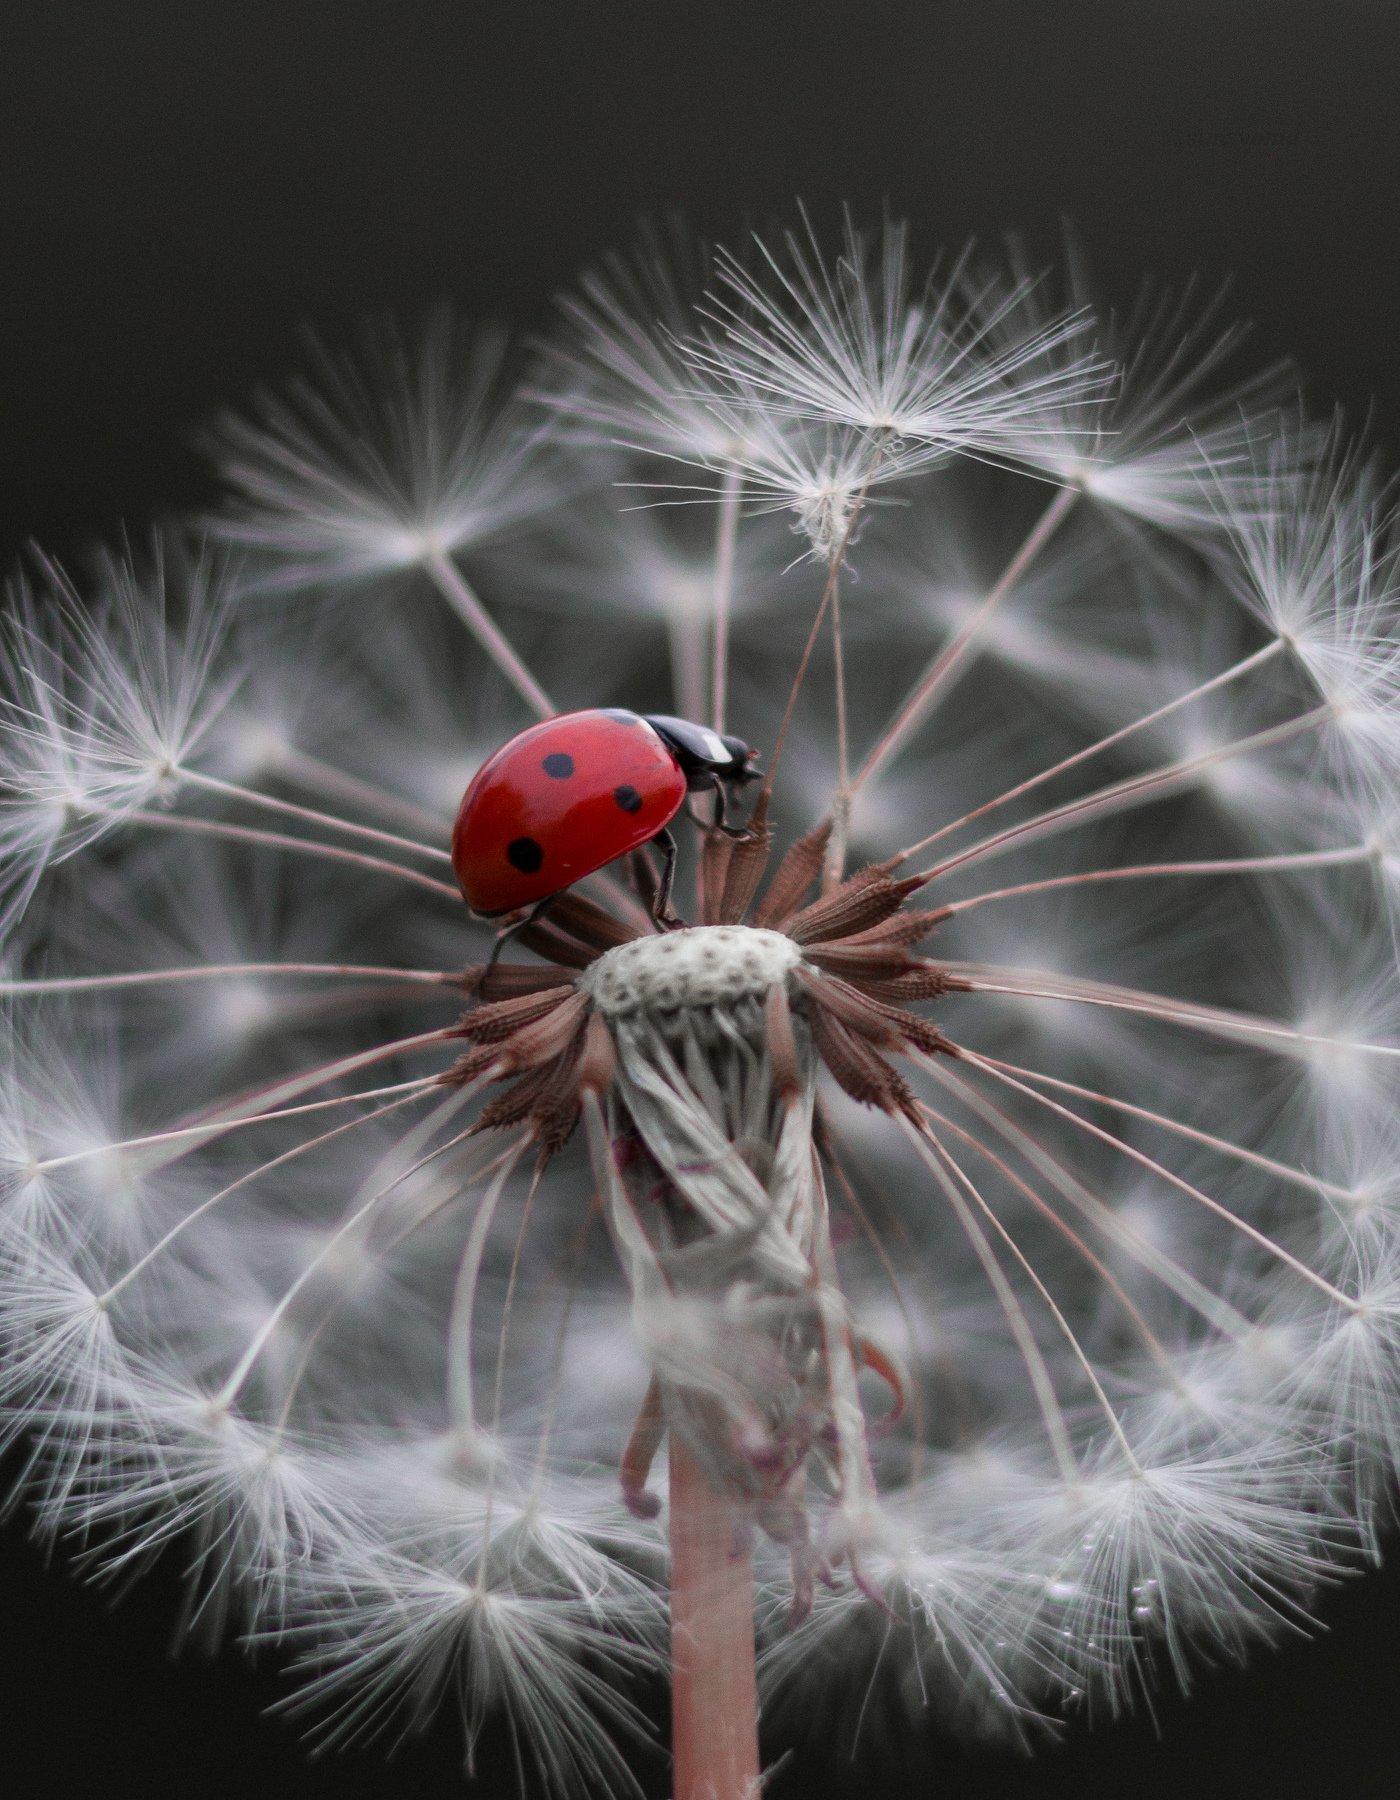 макро, природа, nature, macro, насекомые, insect, ladybug, божьякоровка, Хворостяная Юлия